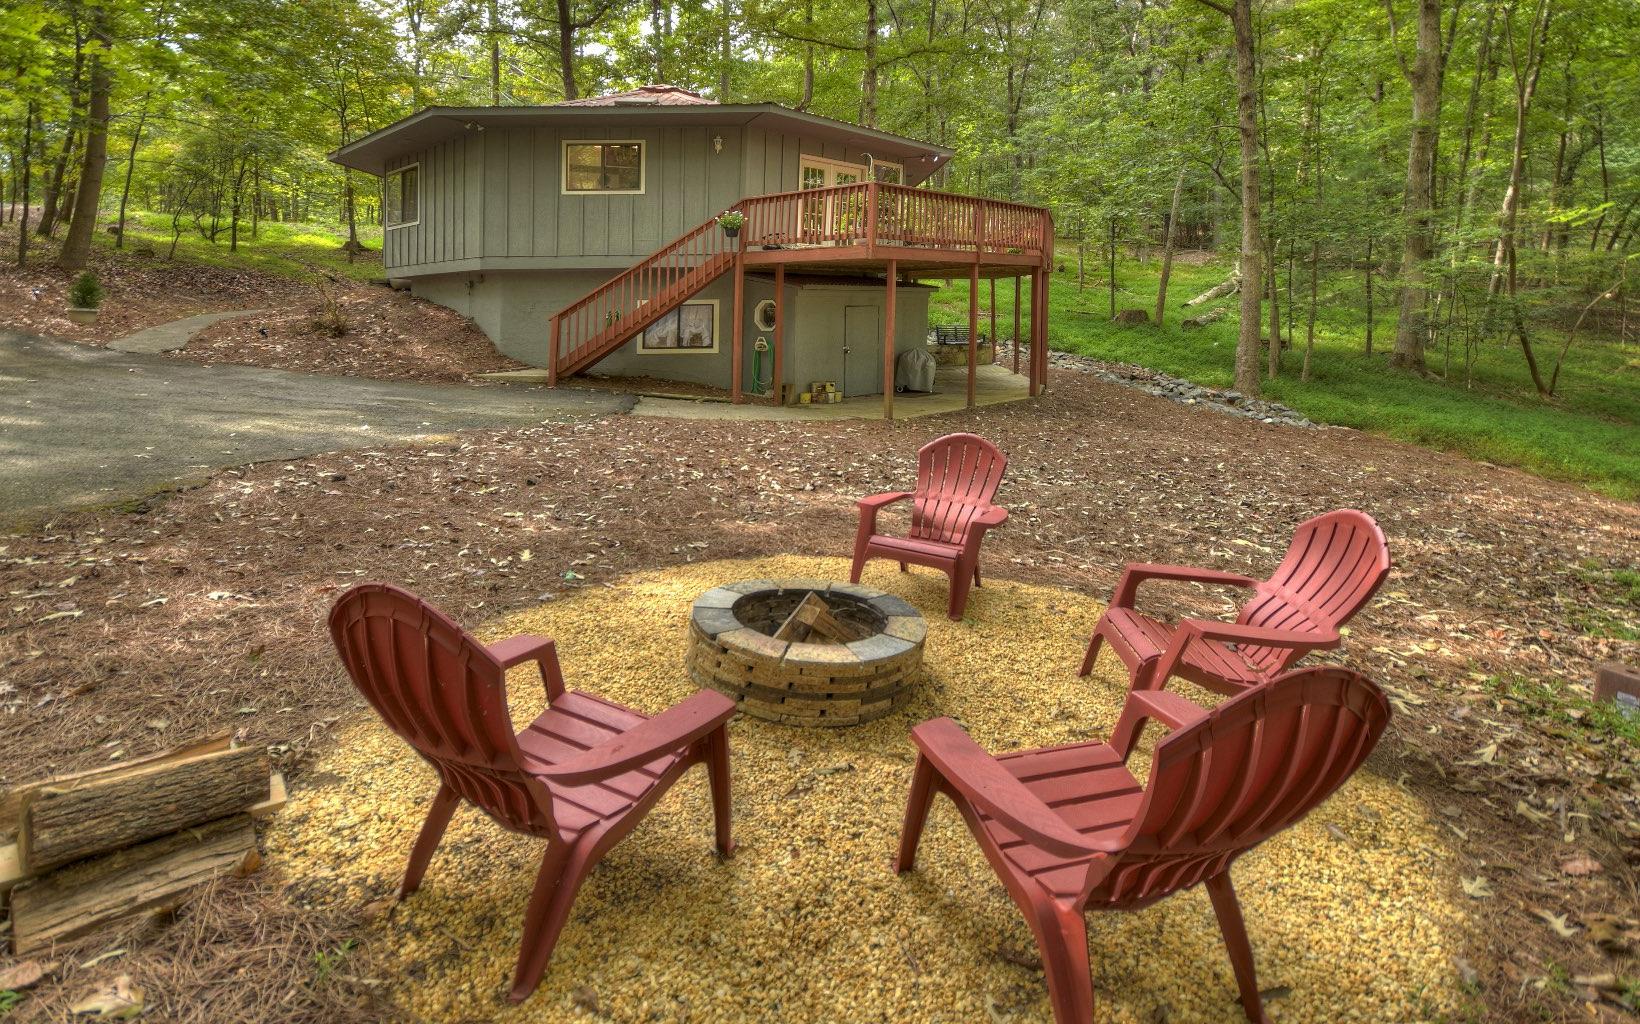 Blue Ridge Ga Real Estate (View 30 of 30)